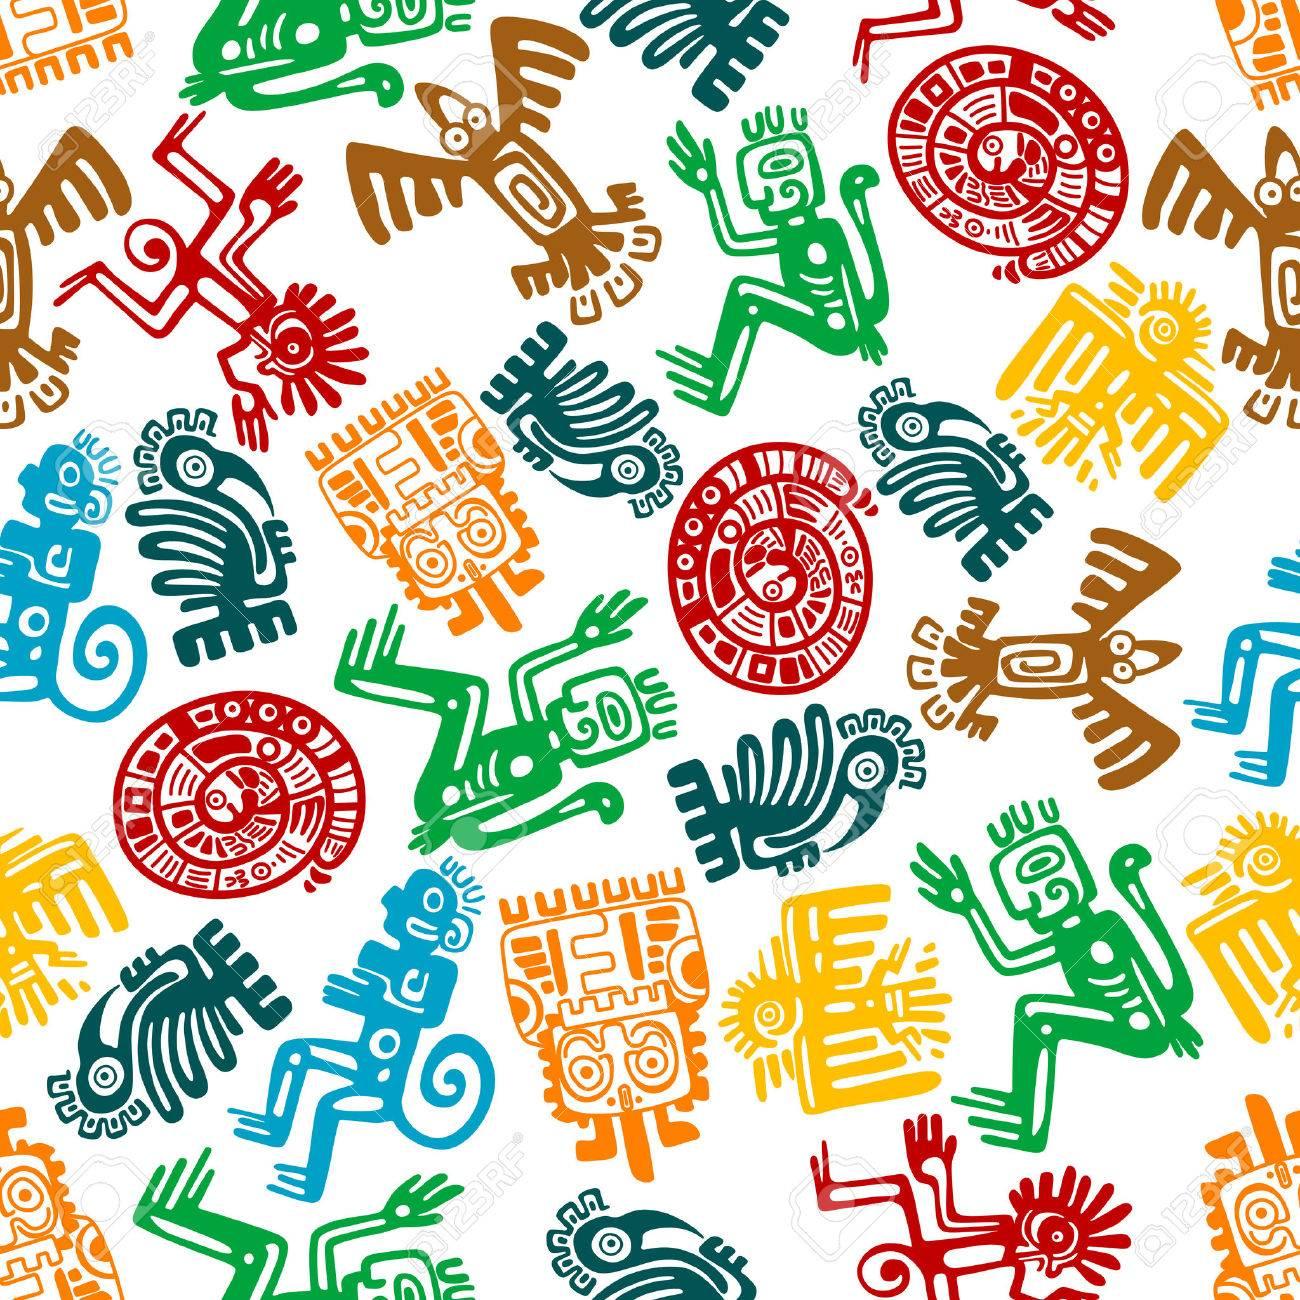 antiguos tótems animales y aves de maya o azteca de fondo con el